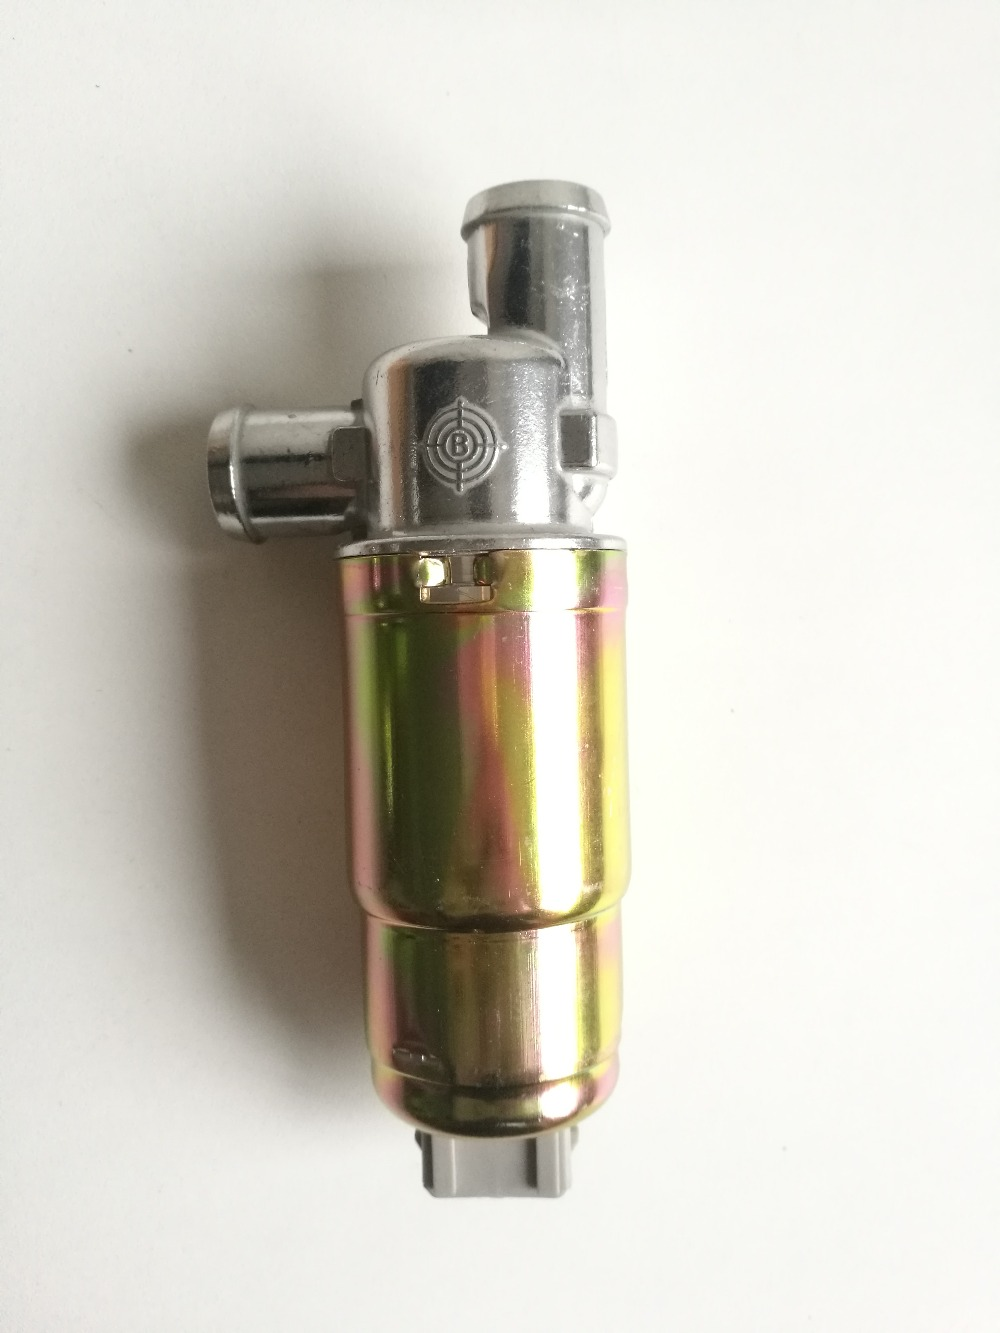 Новый автоматический клапан контроля скорости воздушного потока IAC, используется OE NO. 0280140537 для Citroen Fiat Lancia Peugeot